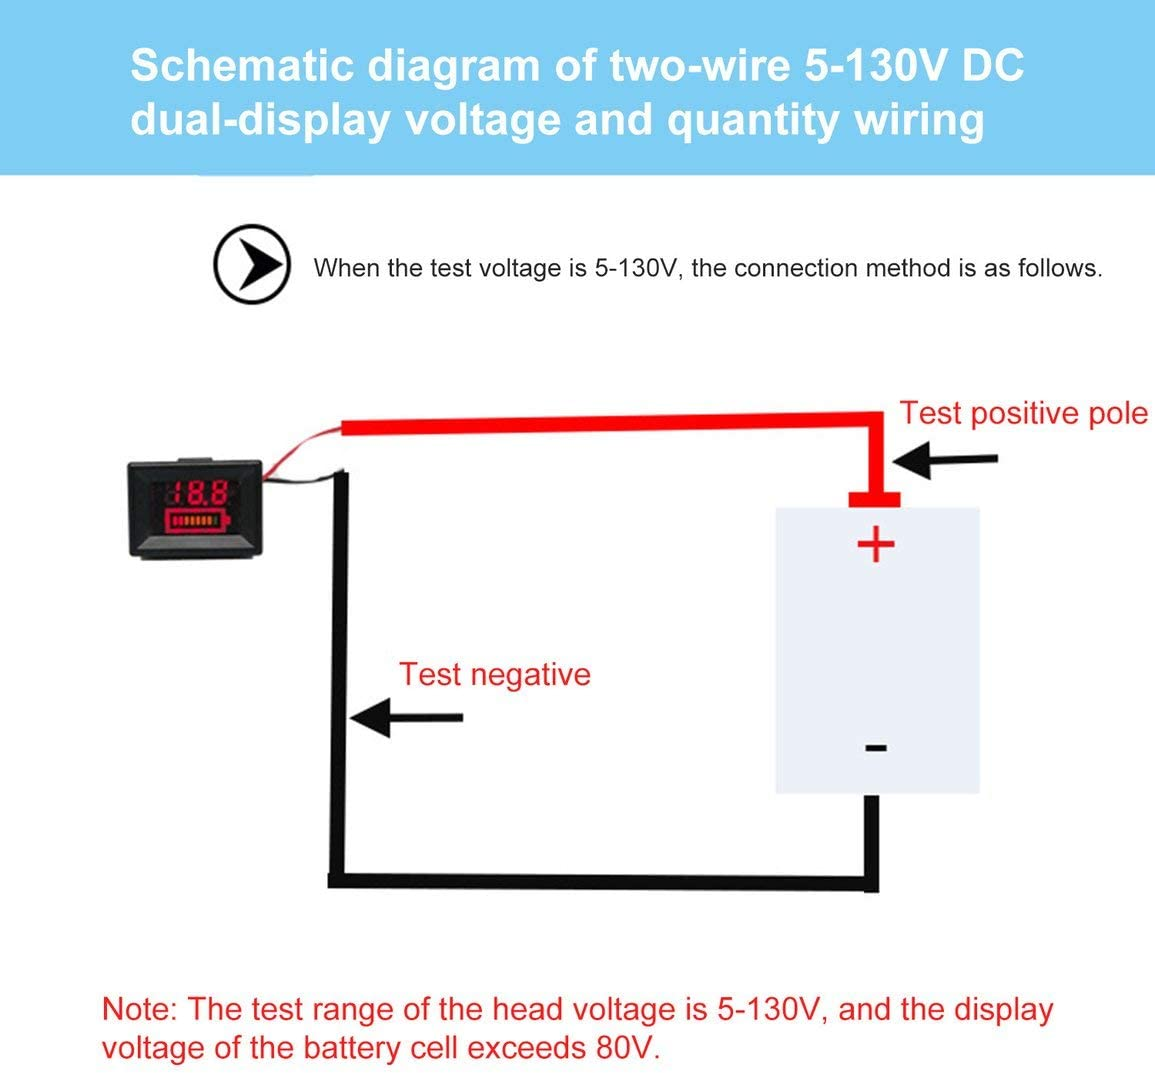 0.36inch 5-130V Indicateur du Niveau de Charge de la Batterie Testeur de Batterie Capacit/é de Batterie au Lithium Compteur LED Testeur Voltm/ètre Double Affichage Couleur: Rouge